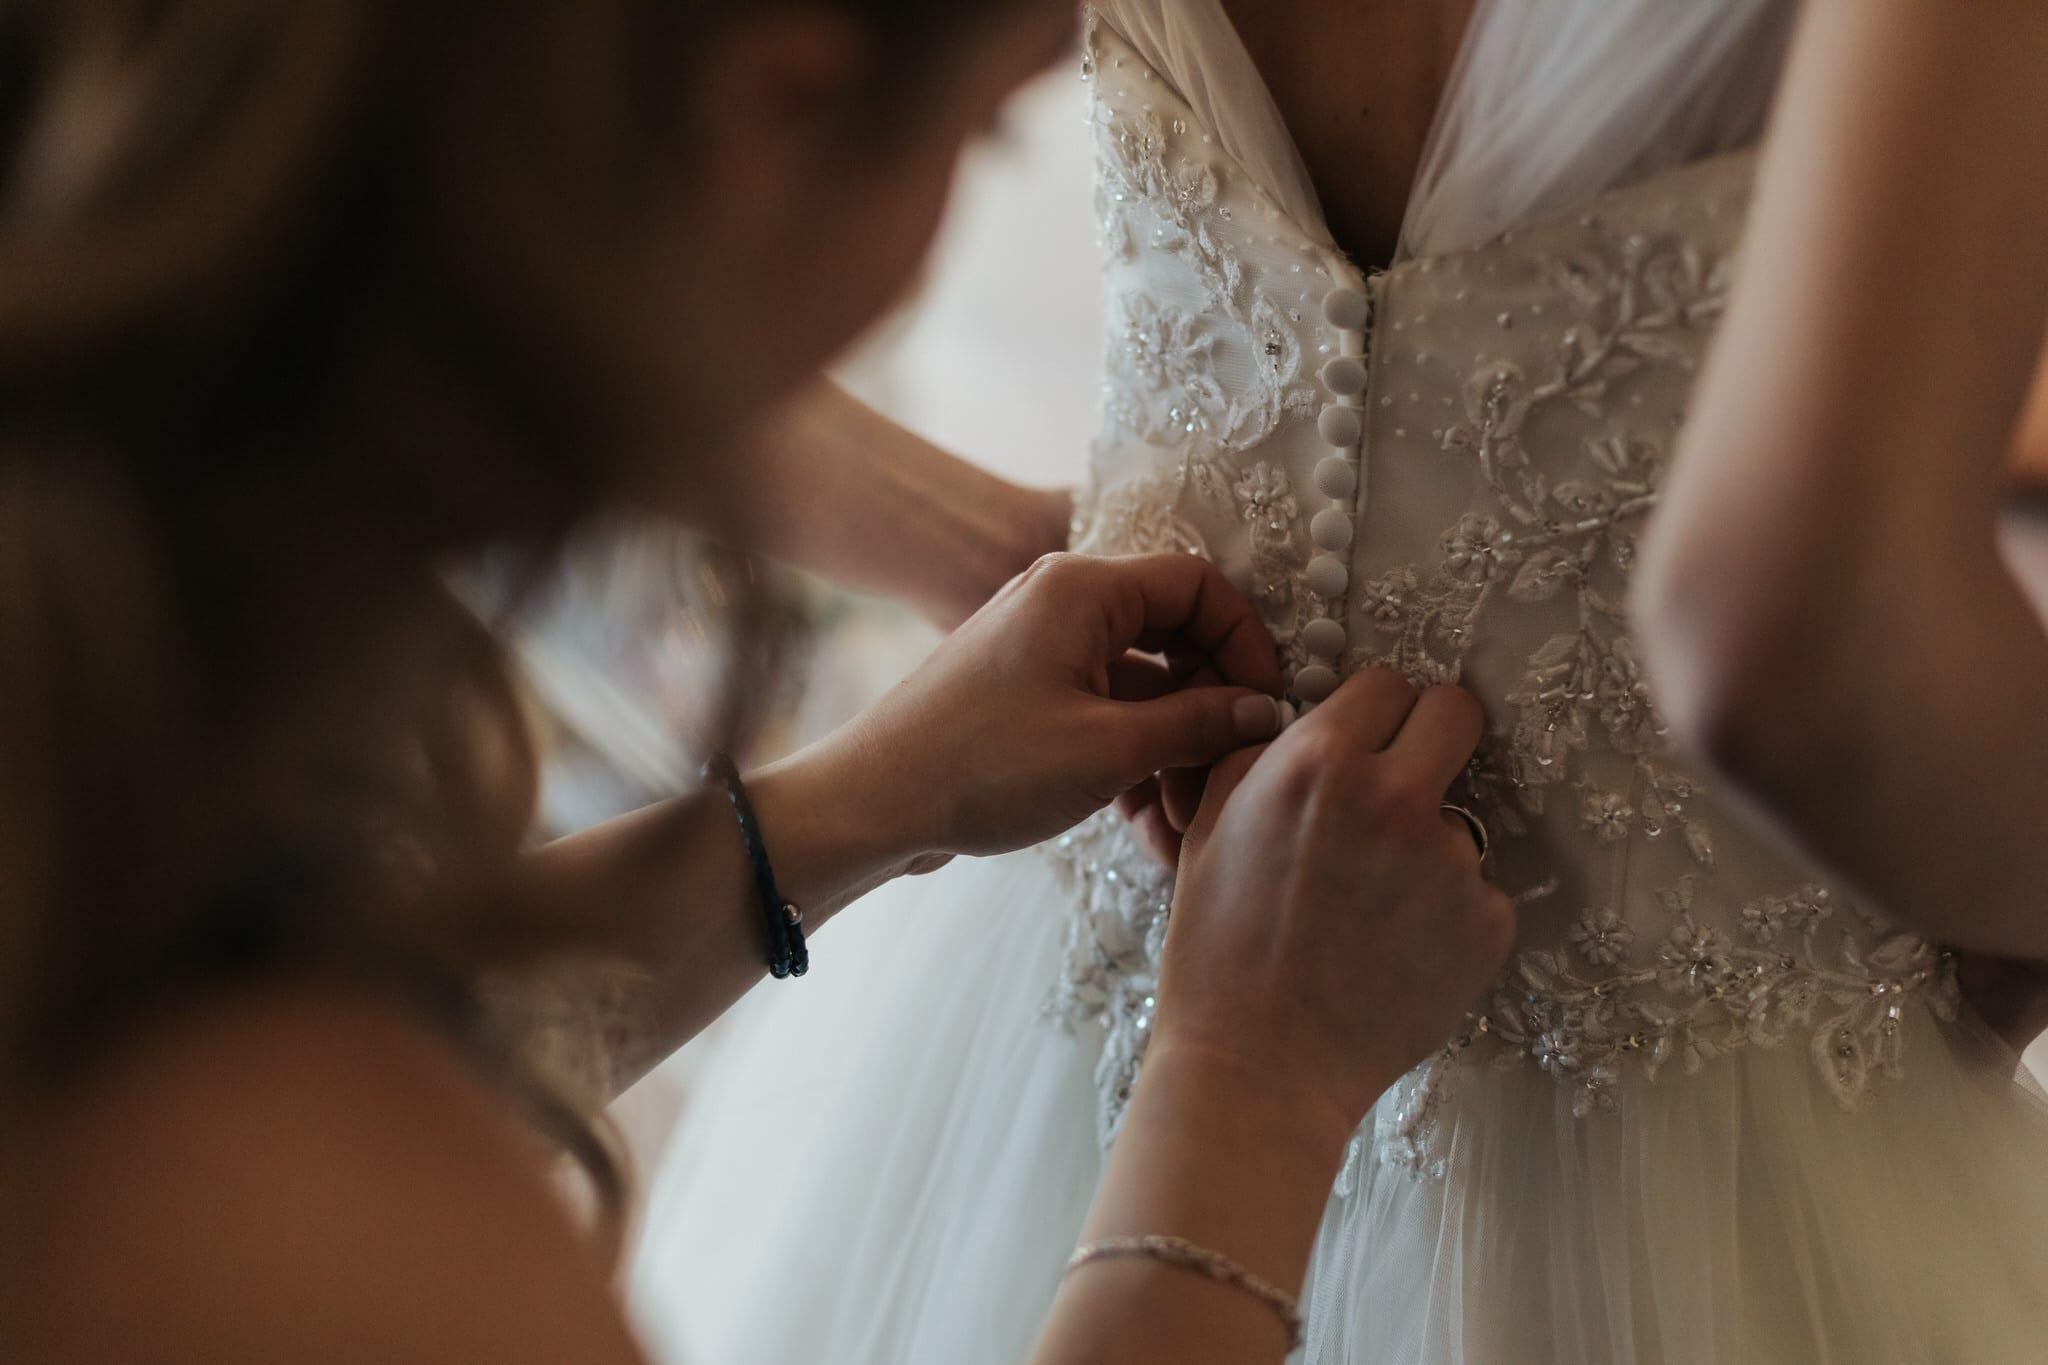 fotografo matrimonio trieste san pio x sala piccola fenice